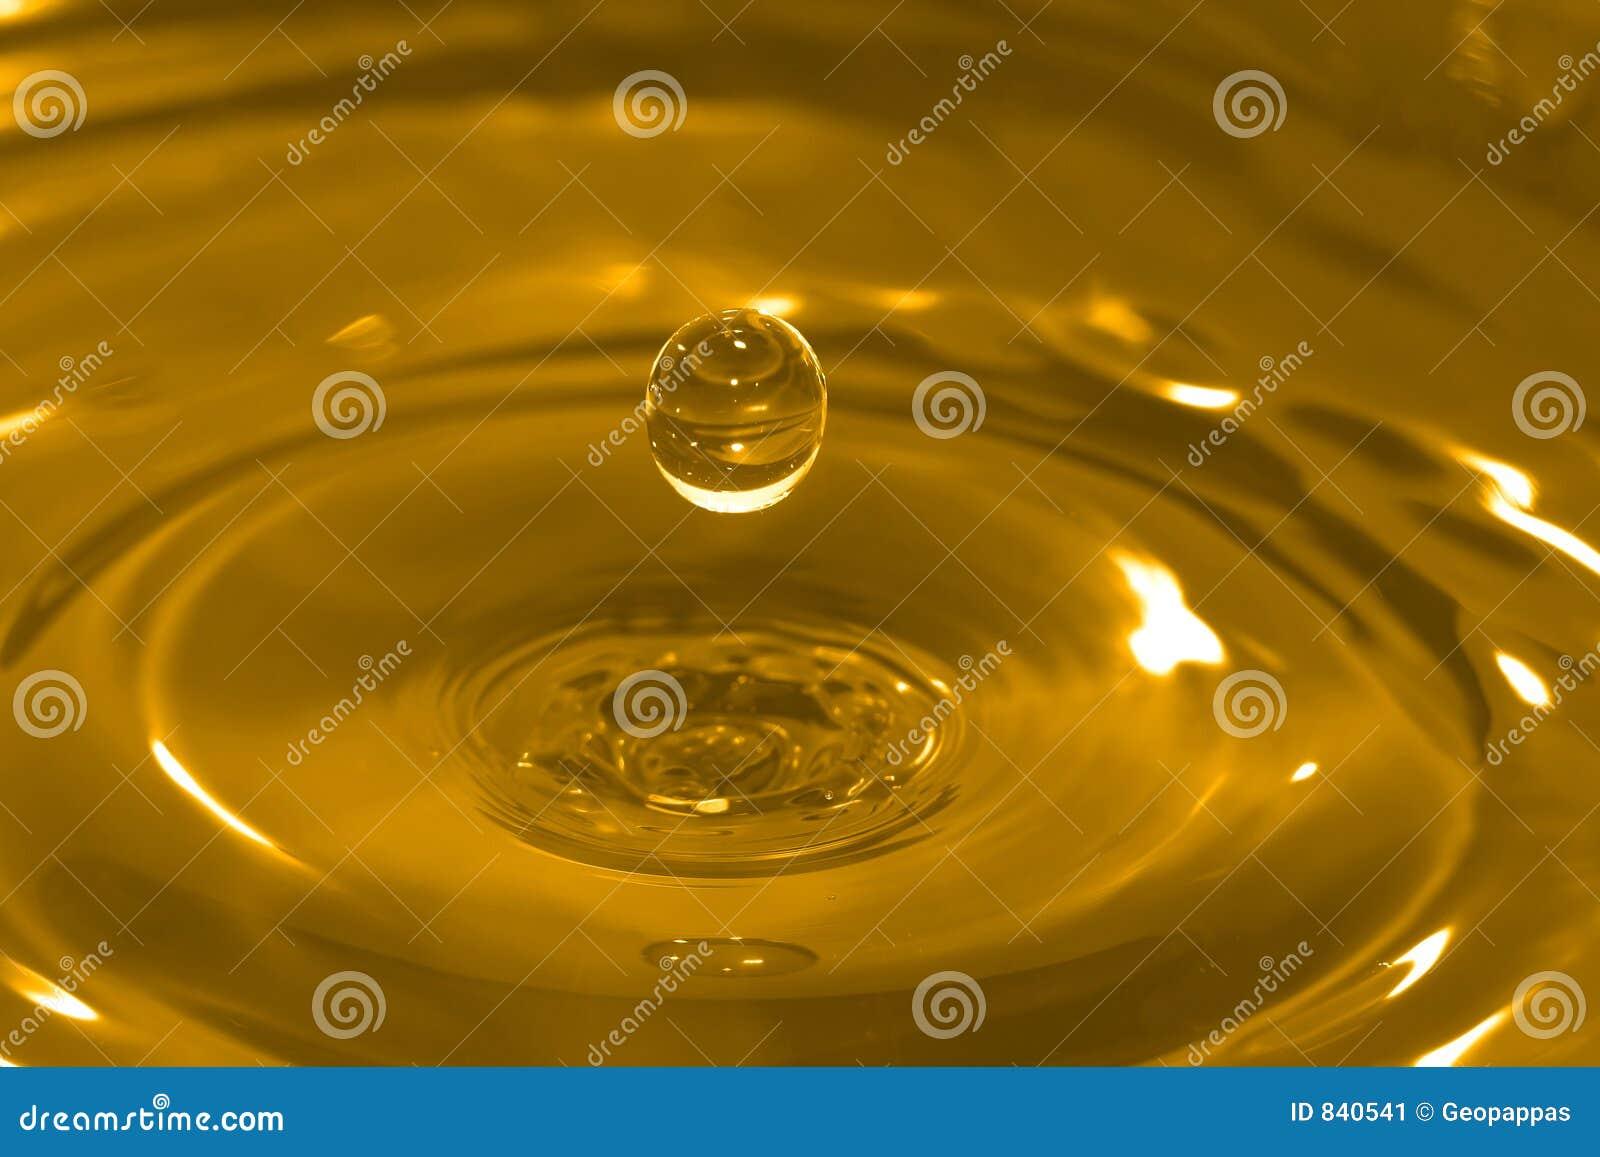 Złoto zrzutu wody.